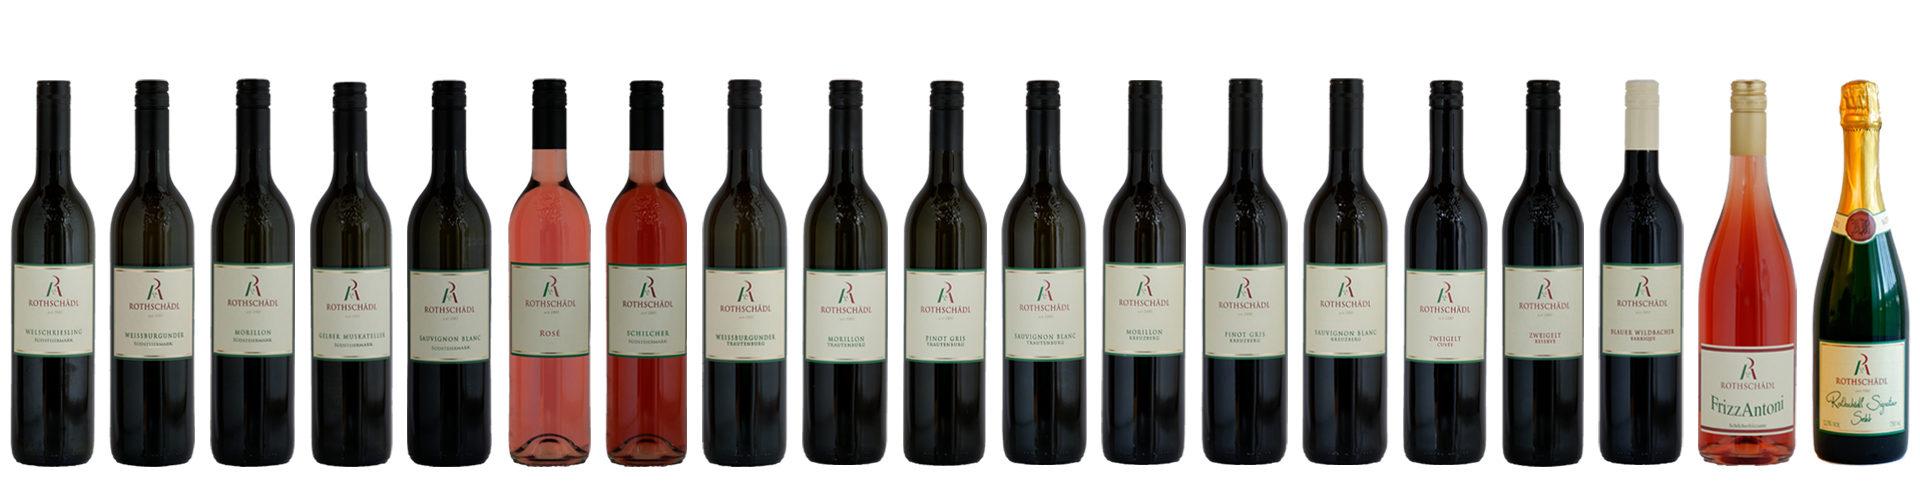 Weinsortiment Weingut Rothschädl - ausgezeichnete Weine aus Österreich - Qualitätswein - Lagenwein - Sekt - Frizzante